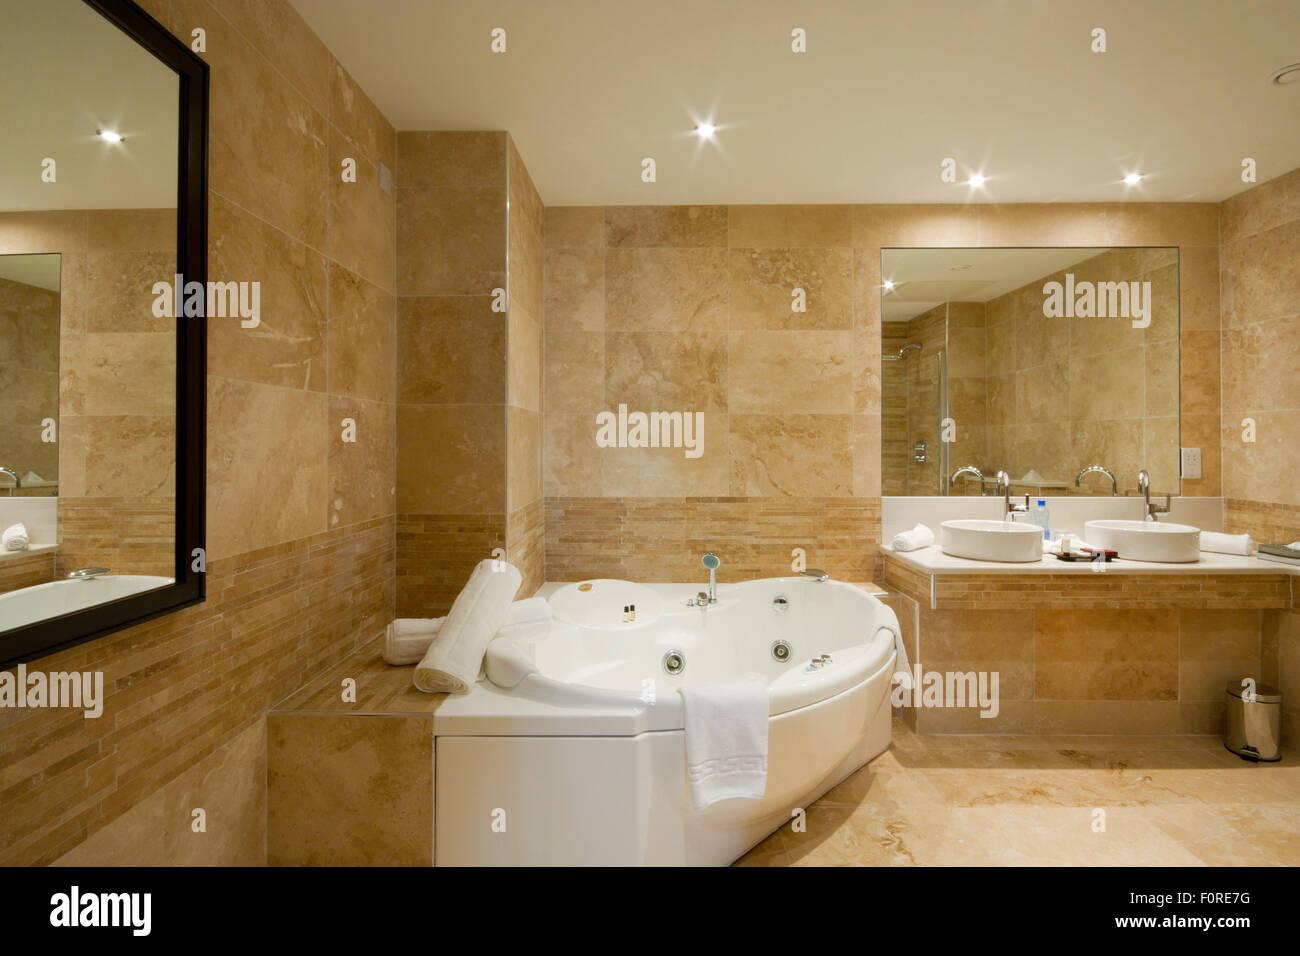 Moderne Badezimmer Interieur Mit Marmor Fliesen Und Spiegel